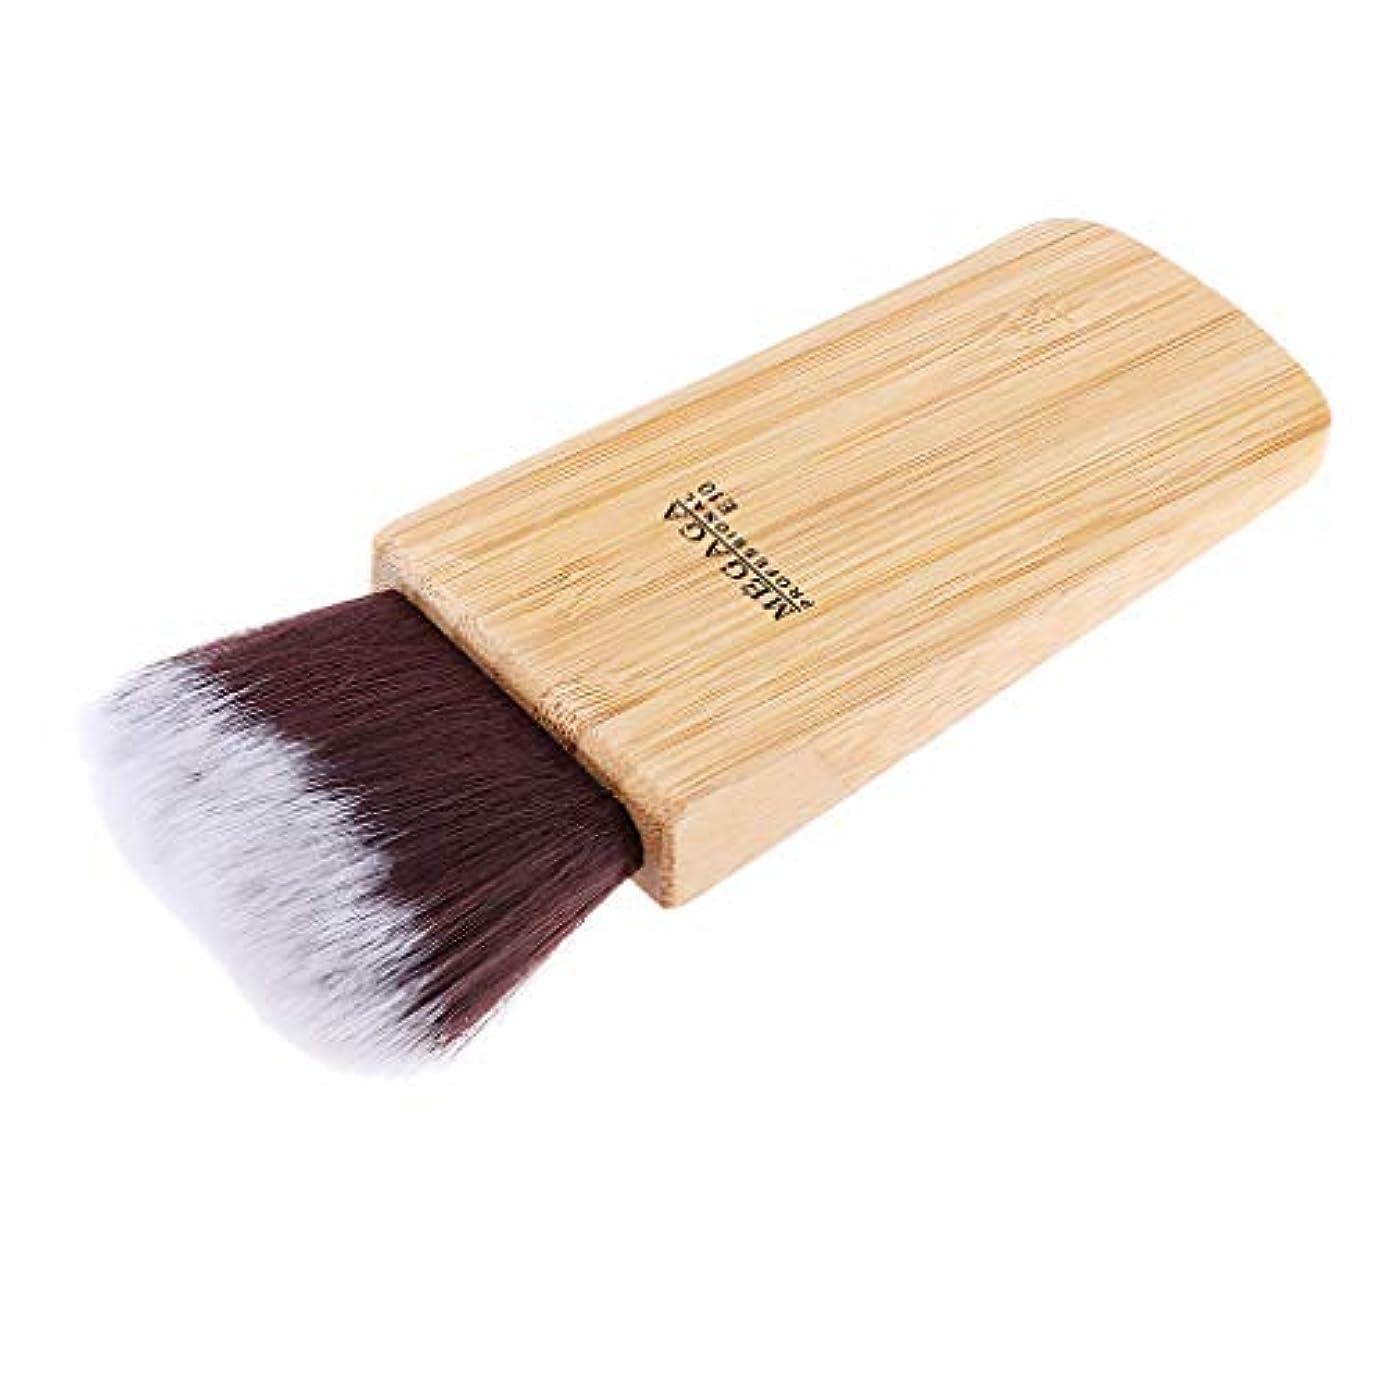 鋸歯状良い策定するSM SunniMix ネックダスターブラシ ヘアカット ネックブラシ ヘアブラシ メイクブラシ 理髪店 ツール